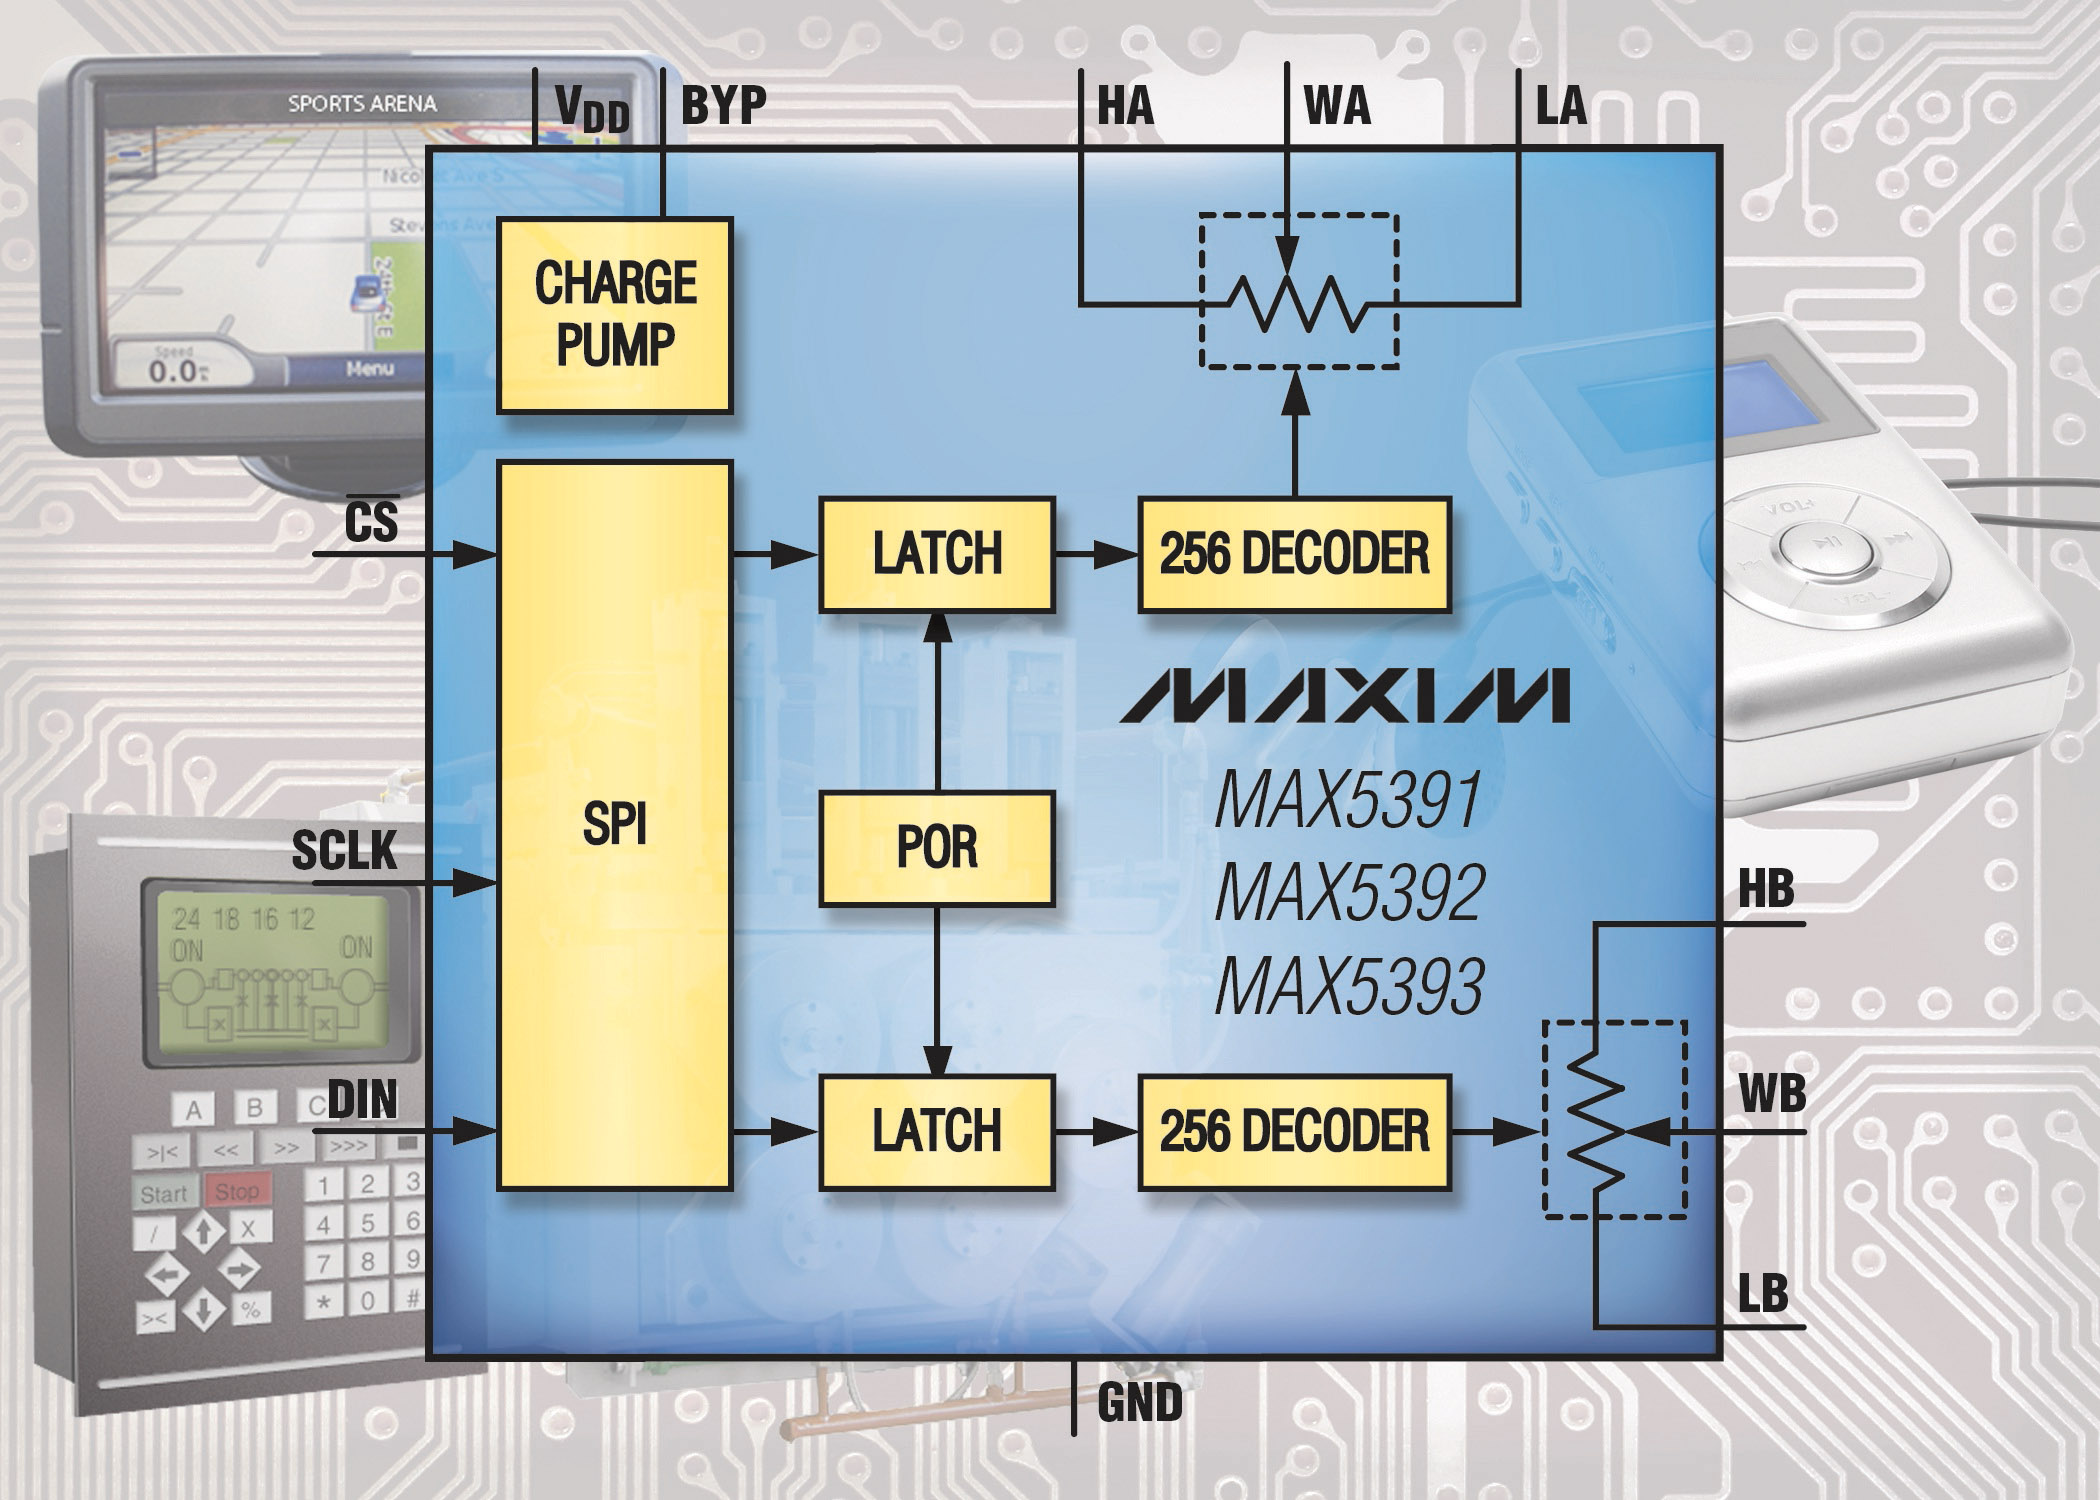 Maxim: MAX5391, MAX5392, MAX5393